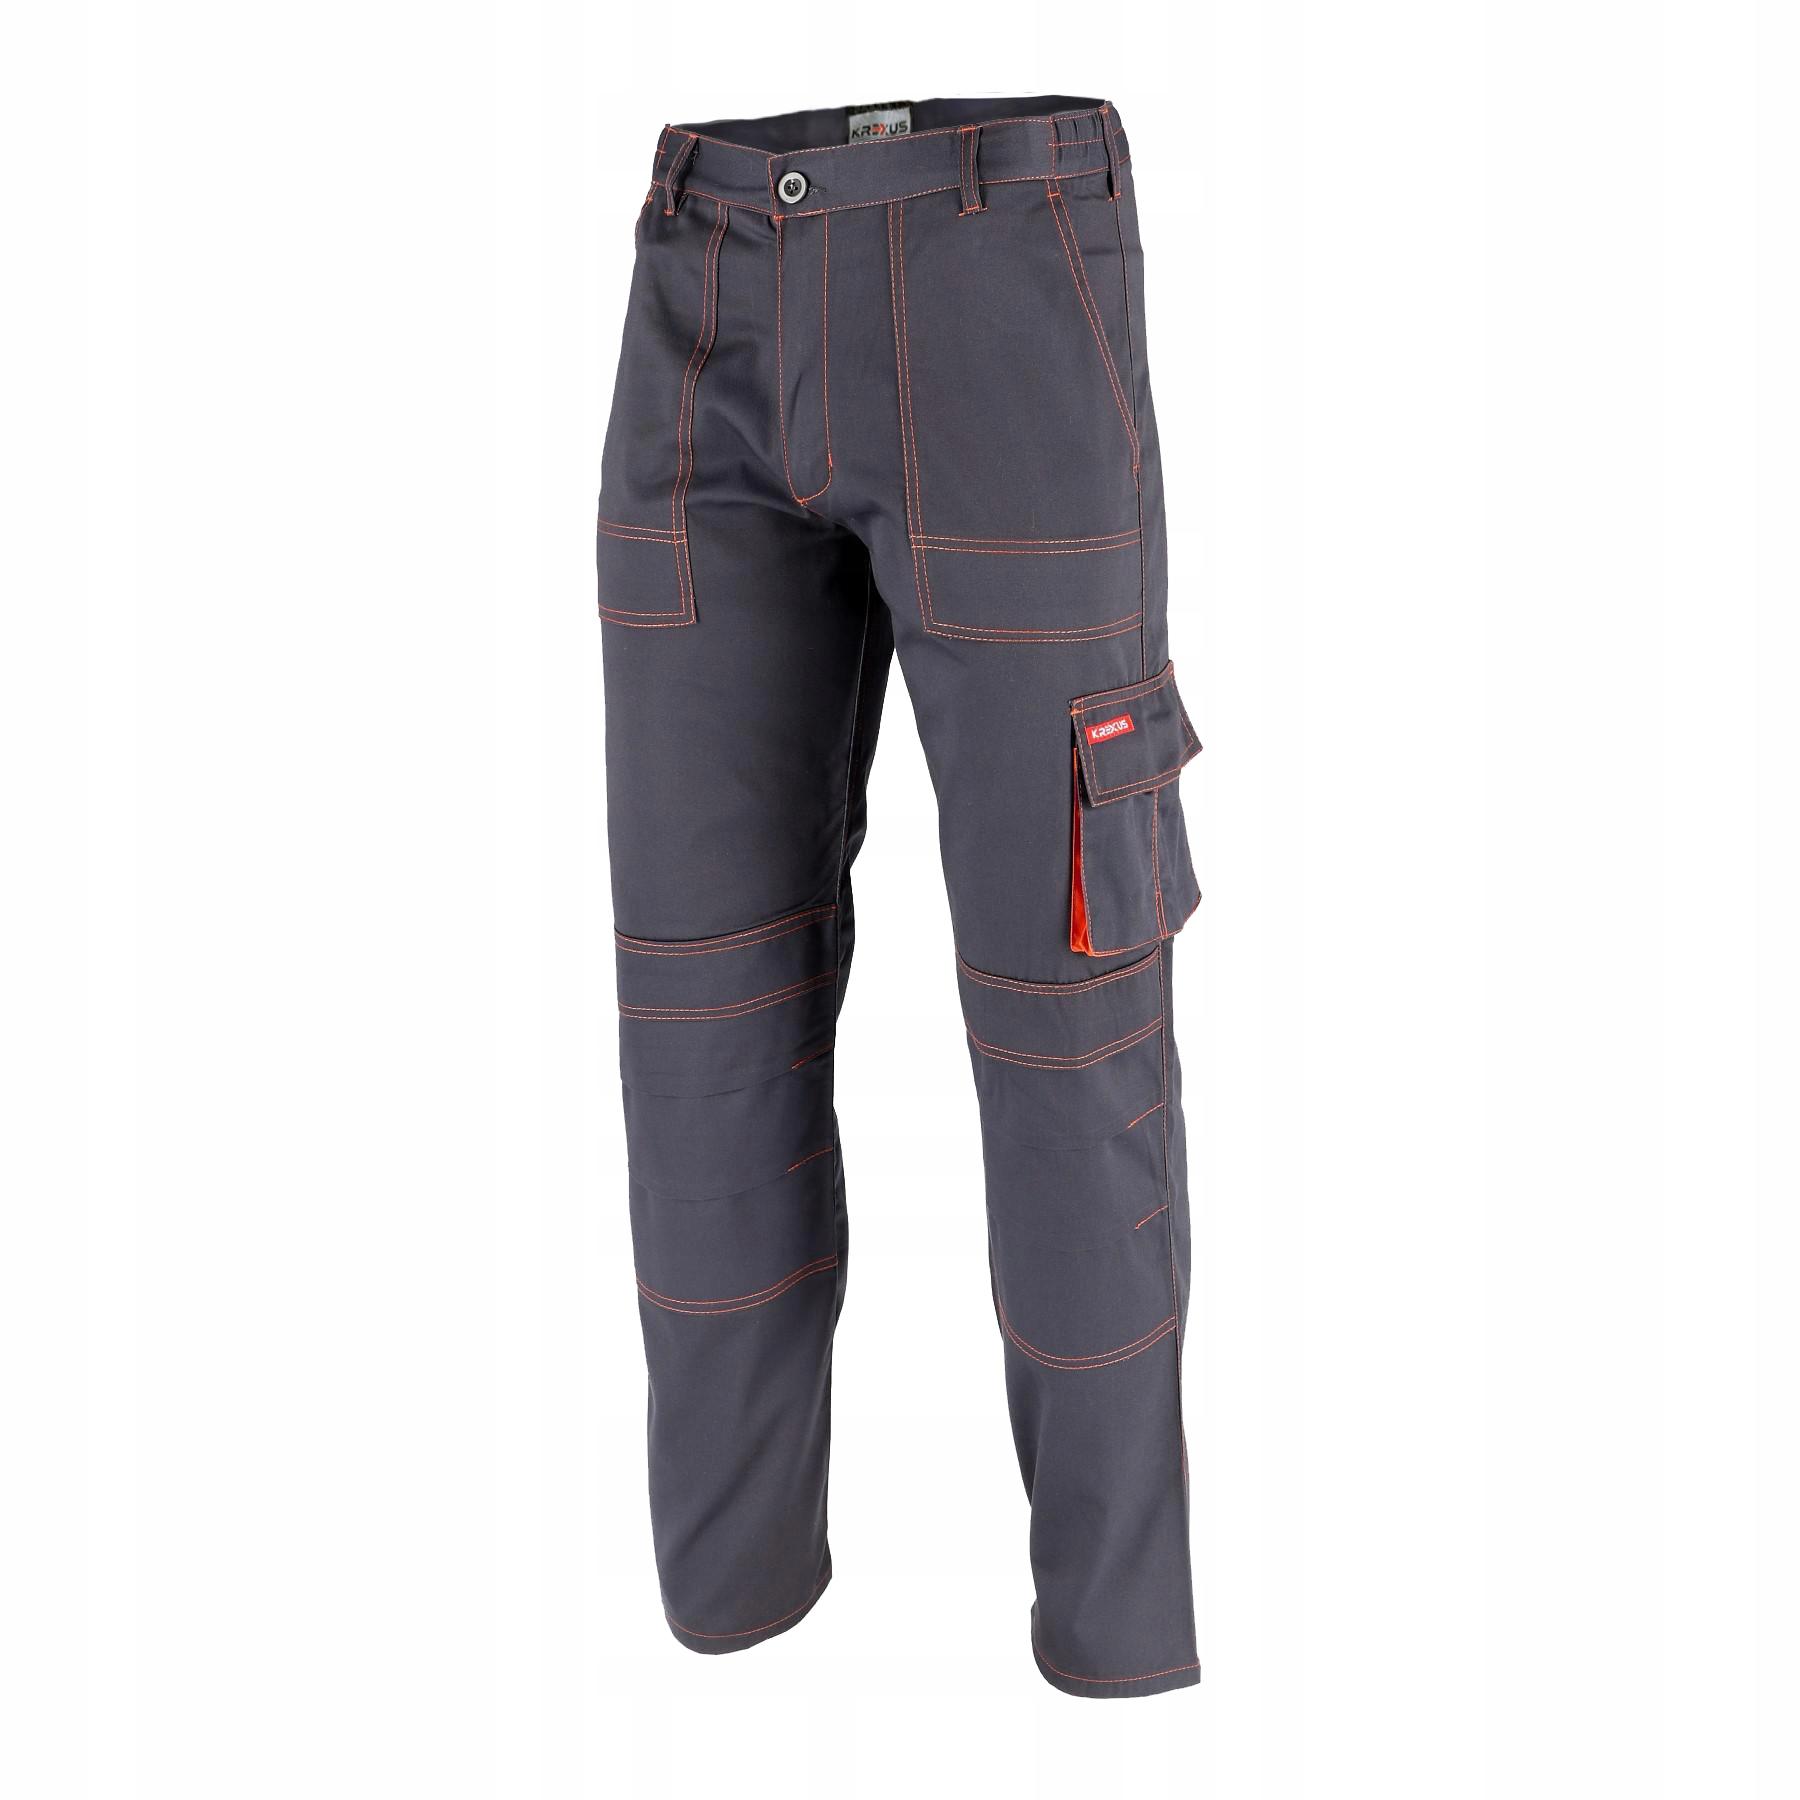 Защитные рабочие брюки для талии - сильный XL